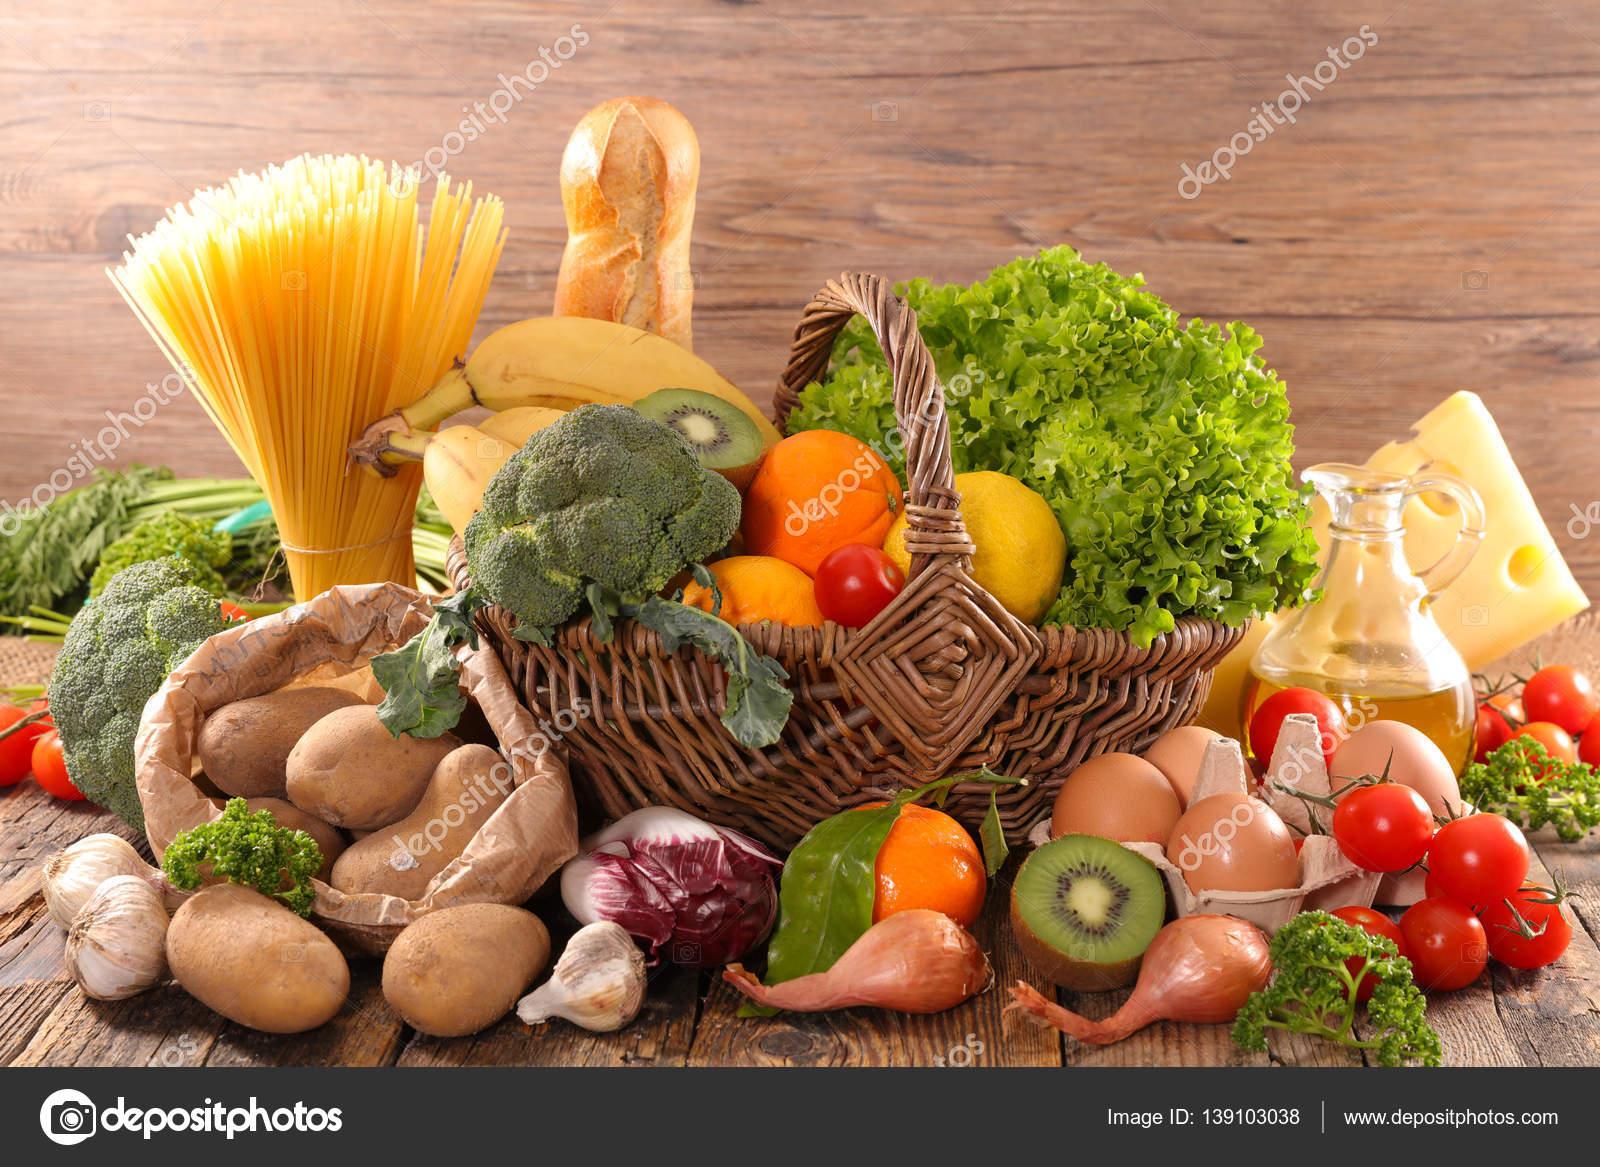 Composition avec fruits l gumes produits laitiers pain photographie studiom 139103038 - Composition florale avec fruits legumes ...